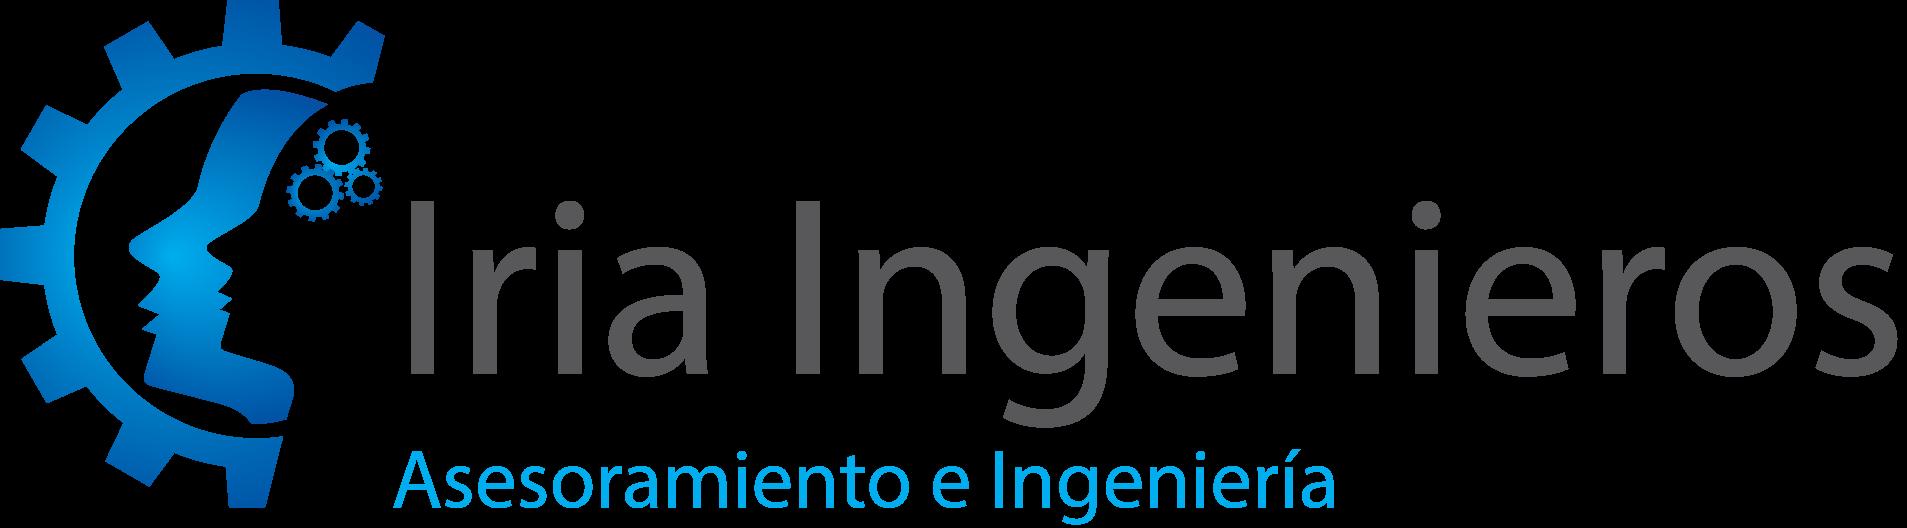 Logo_horizantal_v4